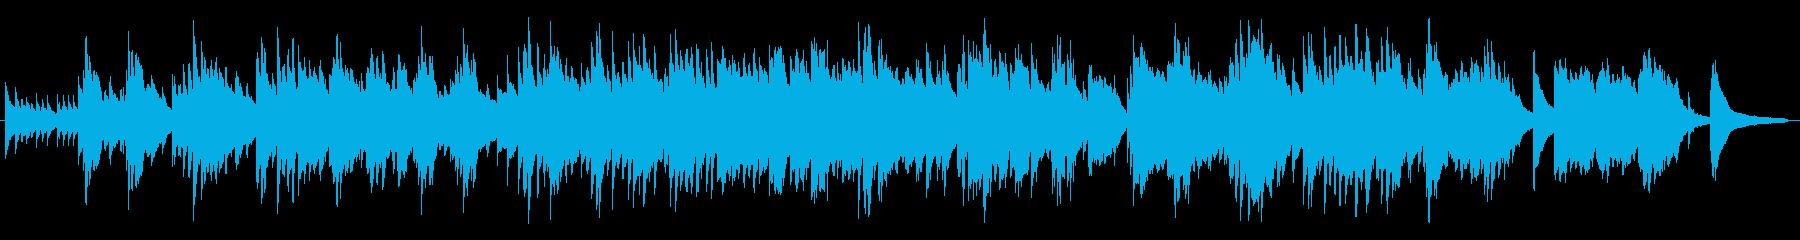 優しいメロディが印象的なピアノBGMの再生済みの波形